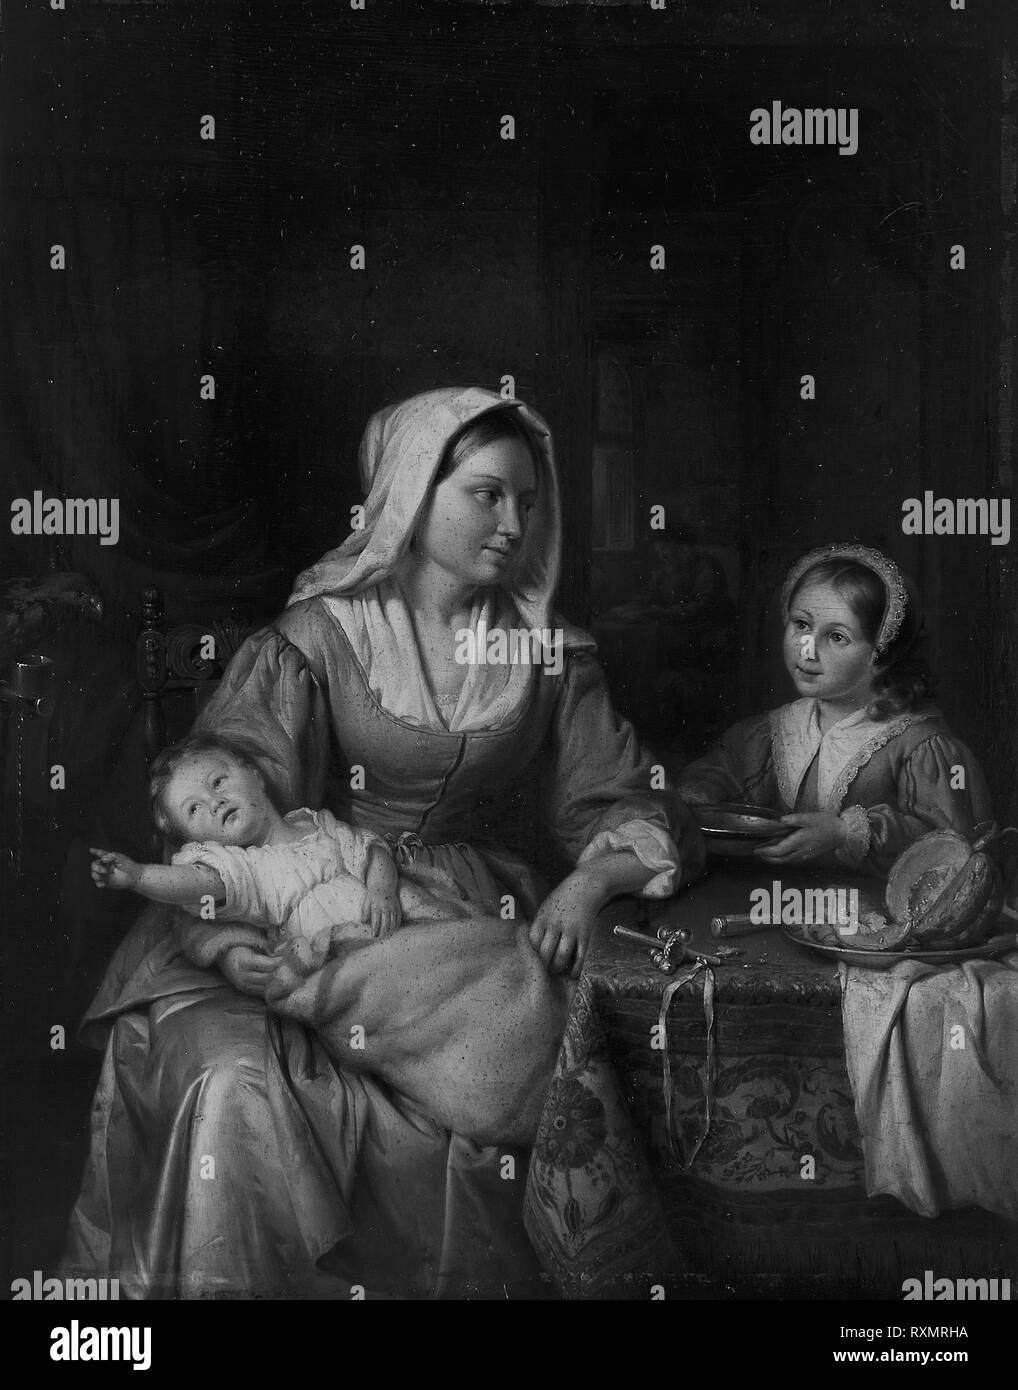 La mère et deux enfants avec toujours la vie. Adriaen de Lelie; Dutch, 1755-1820. Date: 1810. Dimensions: 14 x 11 1/4 à 15/16. (36,3 x 30,3 cm). Huile sur panneau. Origine: Pays-Bas. Musée: le Chicago Art Institute. Auteur: Adriaan de Lelie. Banque D'Images